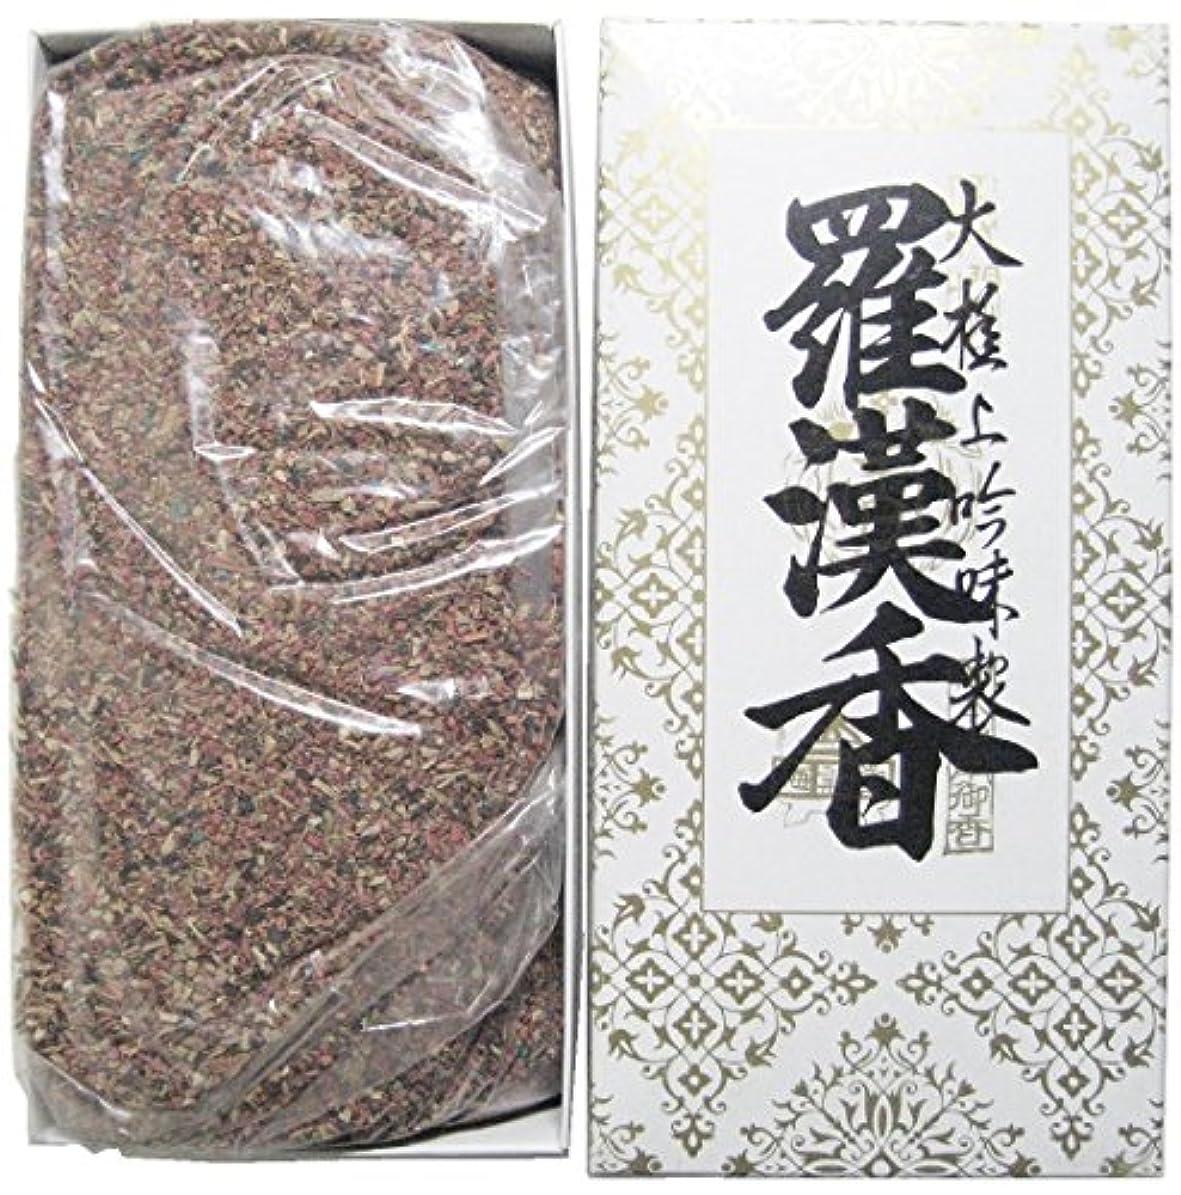 中央マナープラス淡路梅薫堂のお香 羅漢香 500g #905